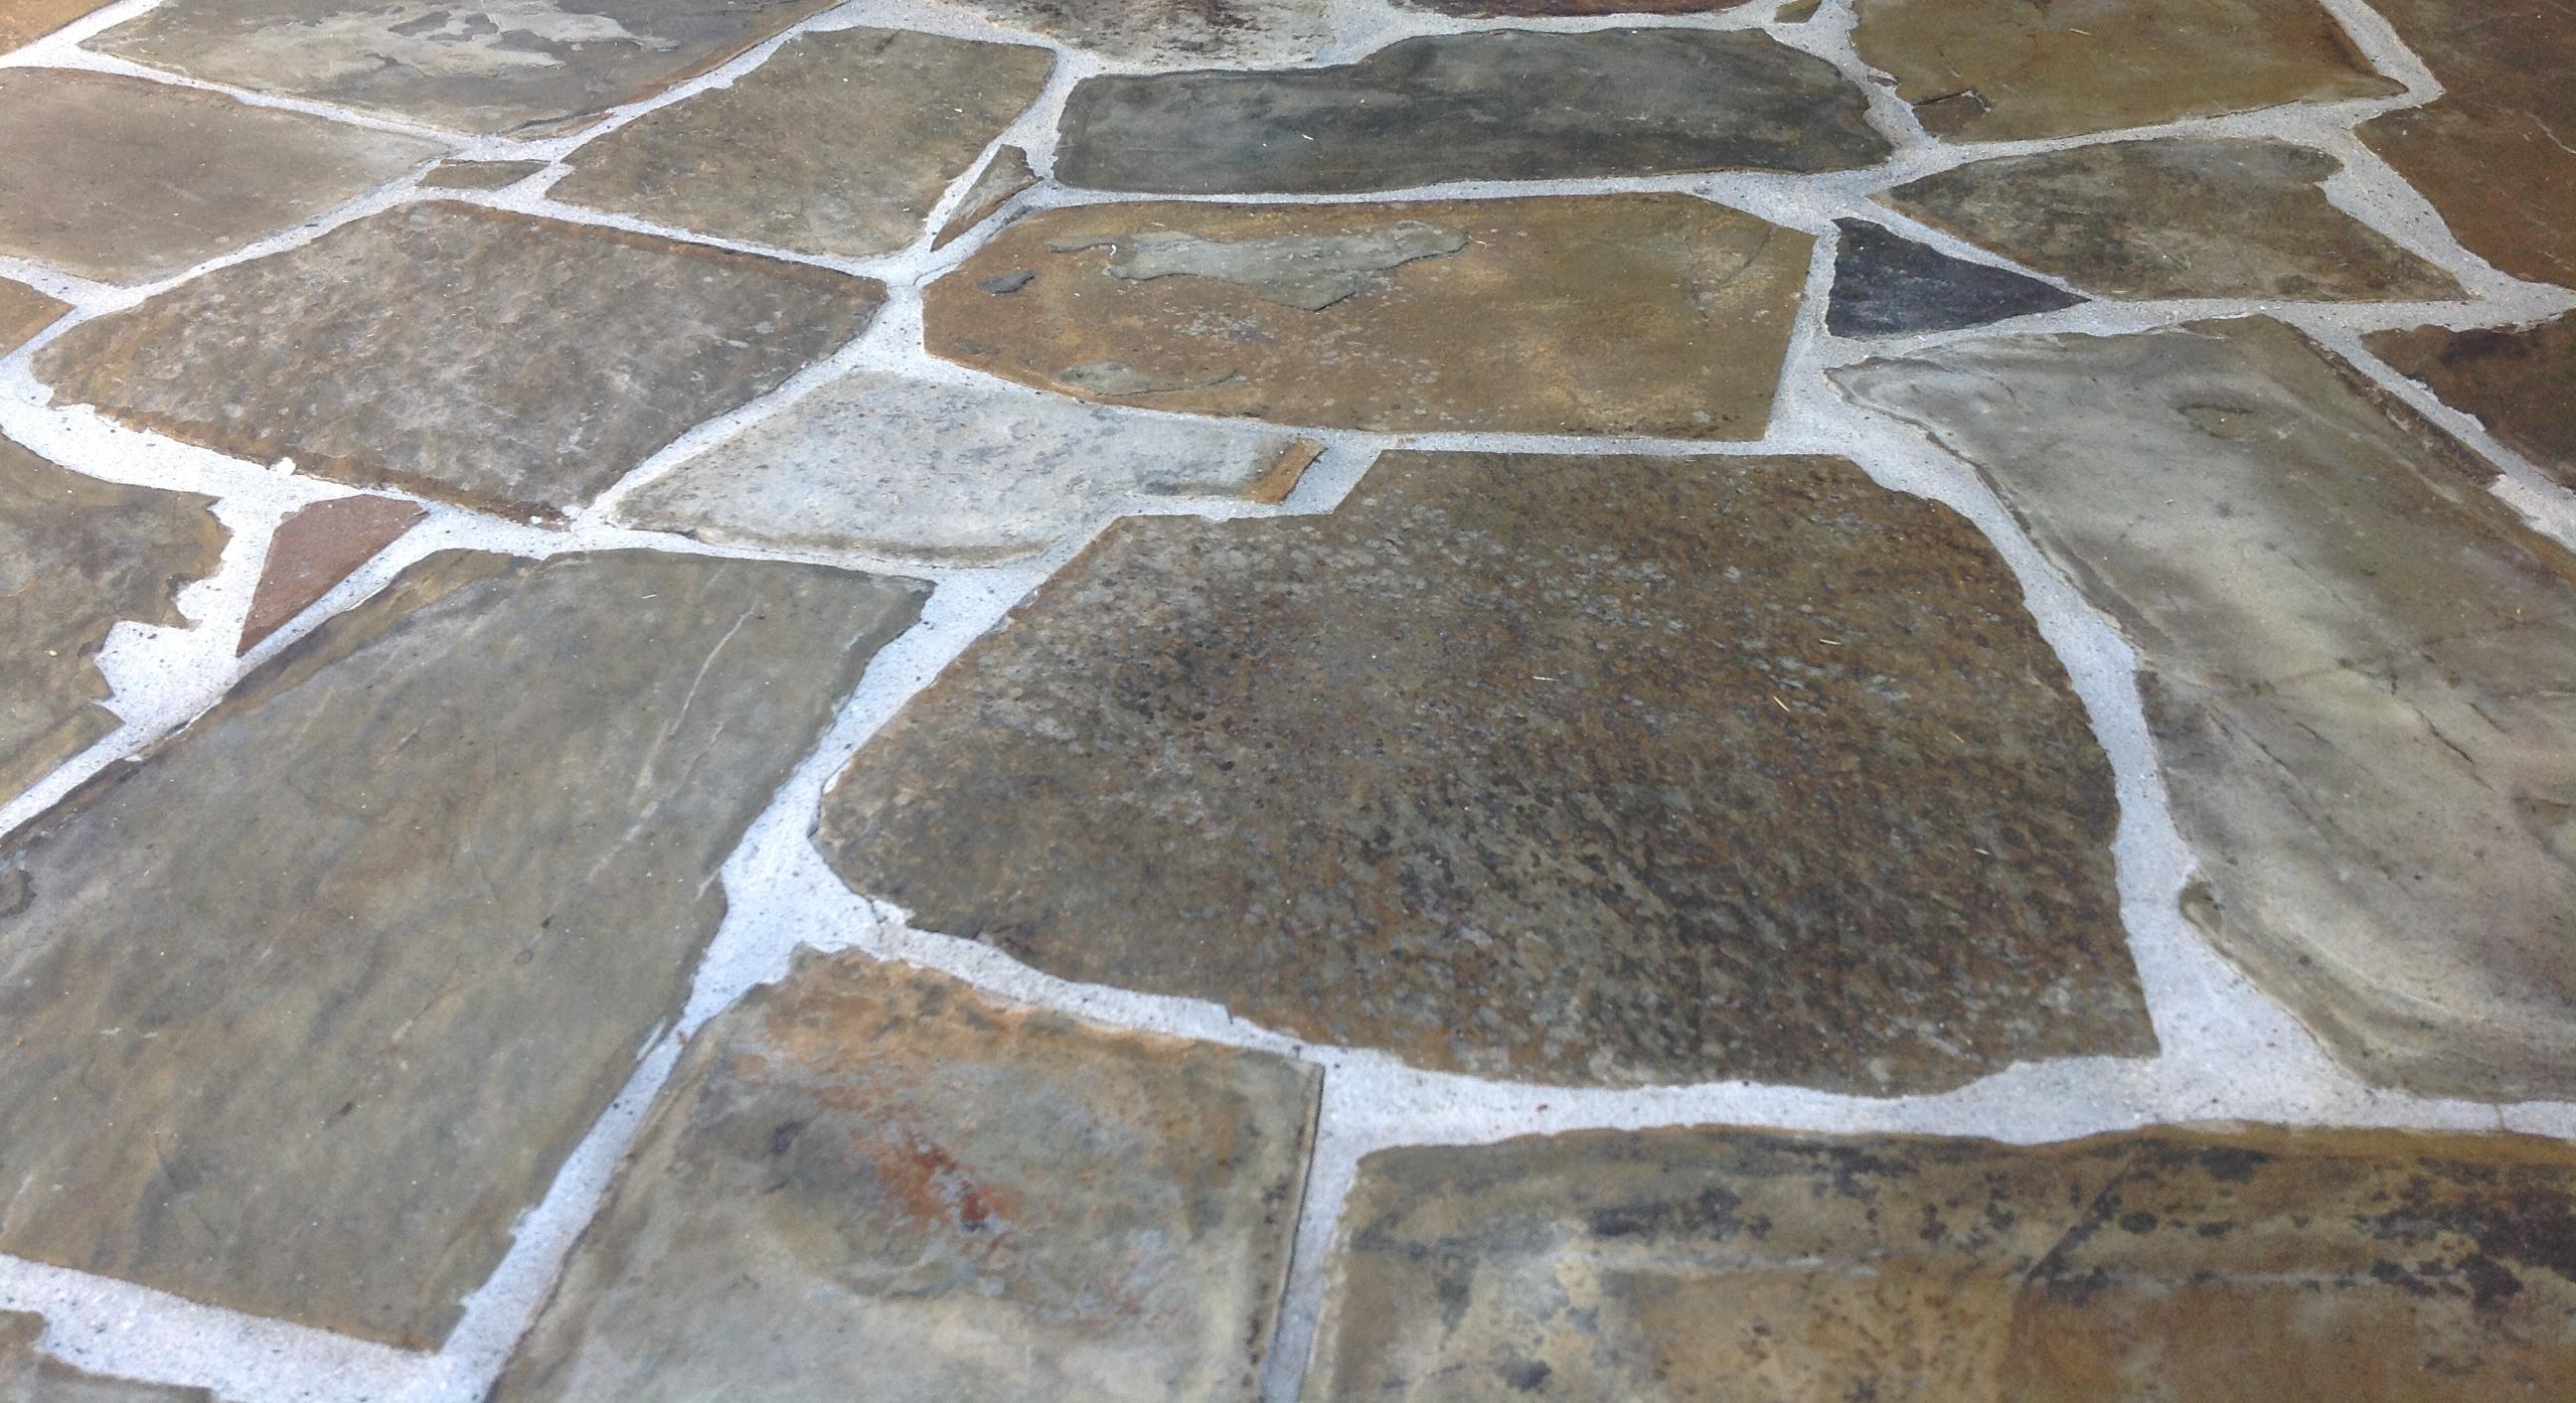 Diy Paint A Porch Faux Slate With Stencil Tiles Joy To